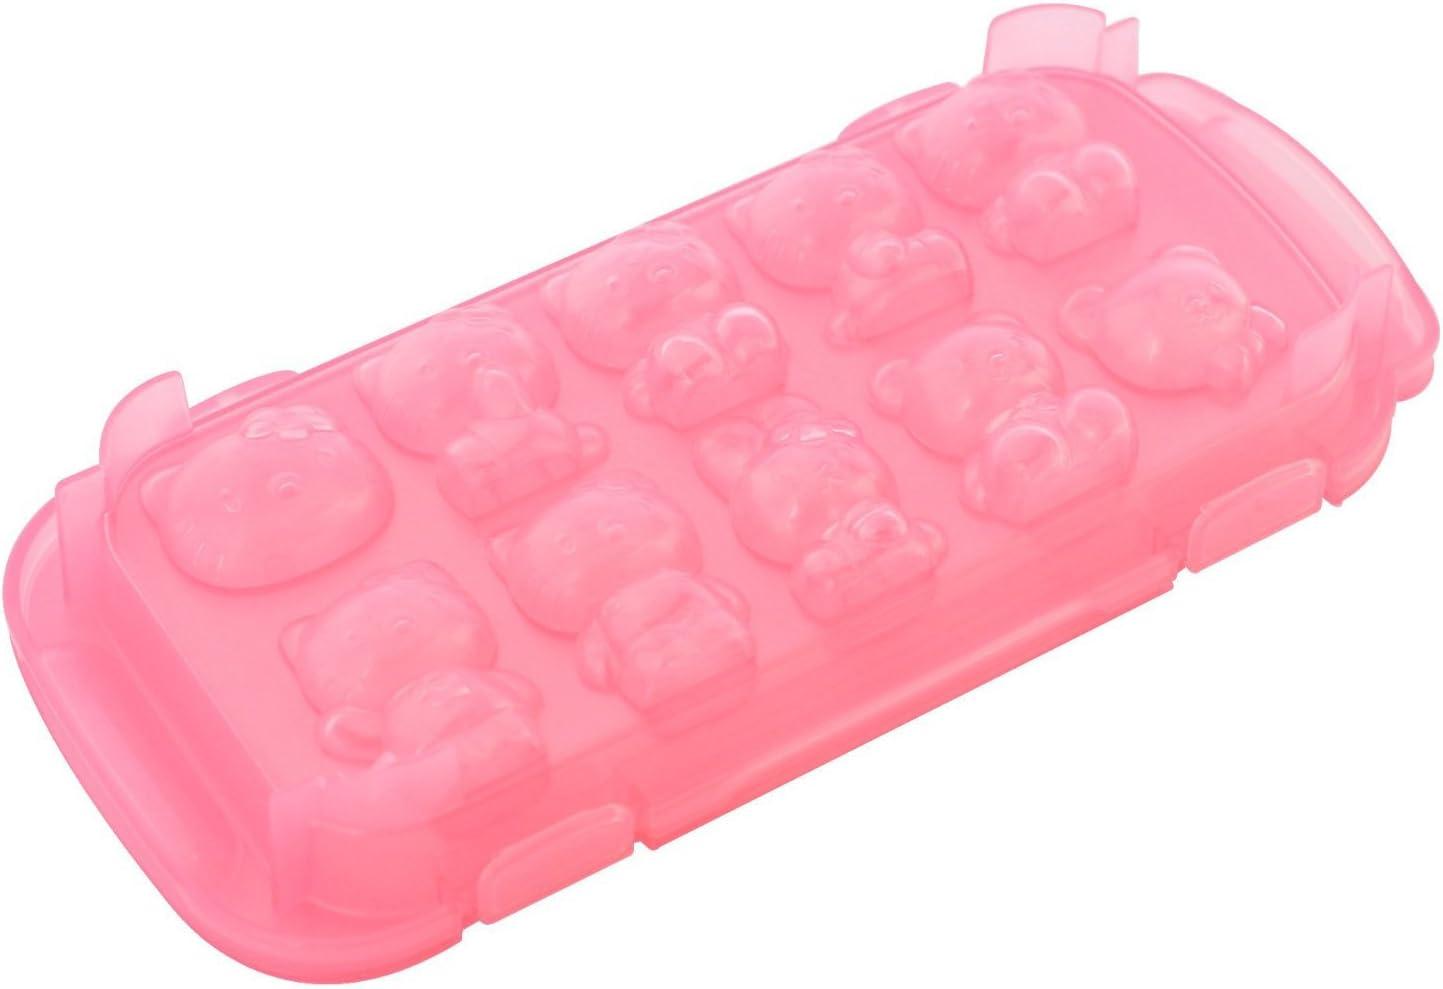 Sanrio Hello Kitty Shaped Ice Cube Tray